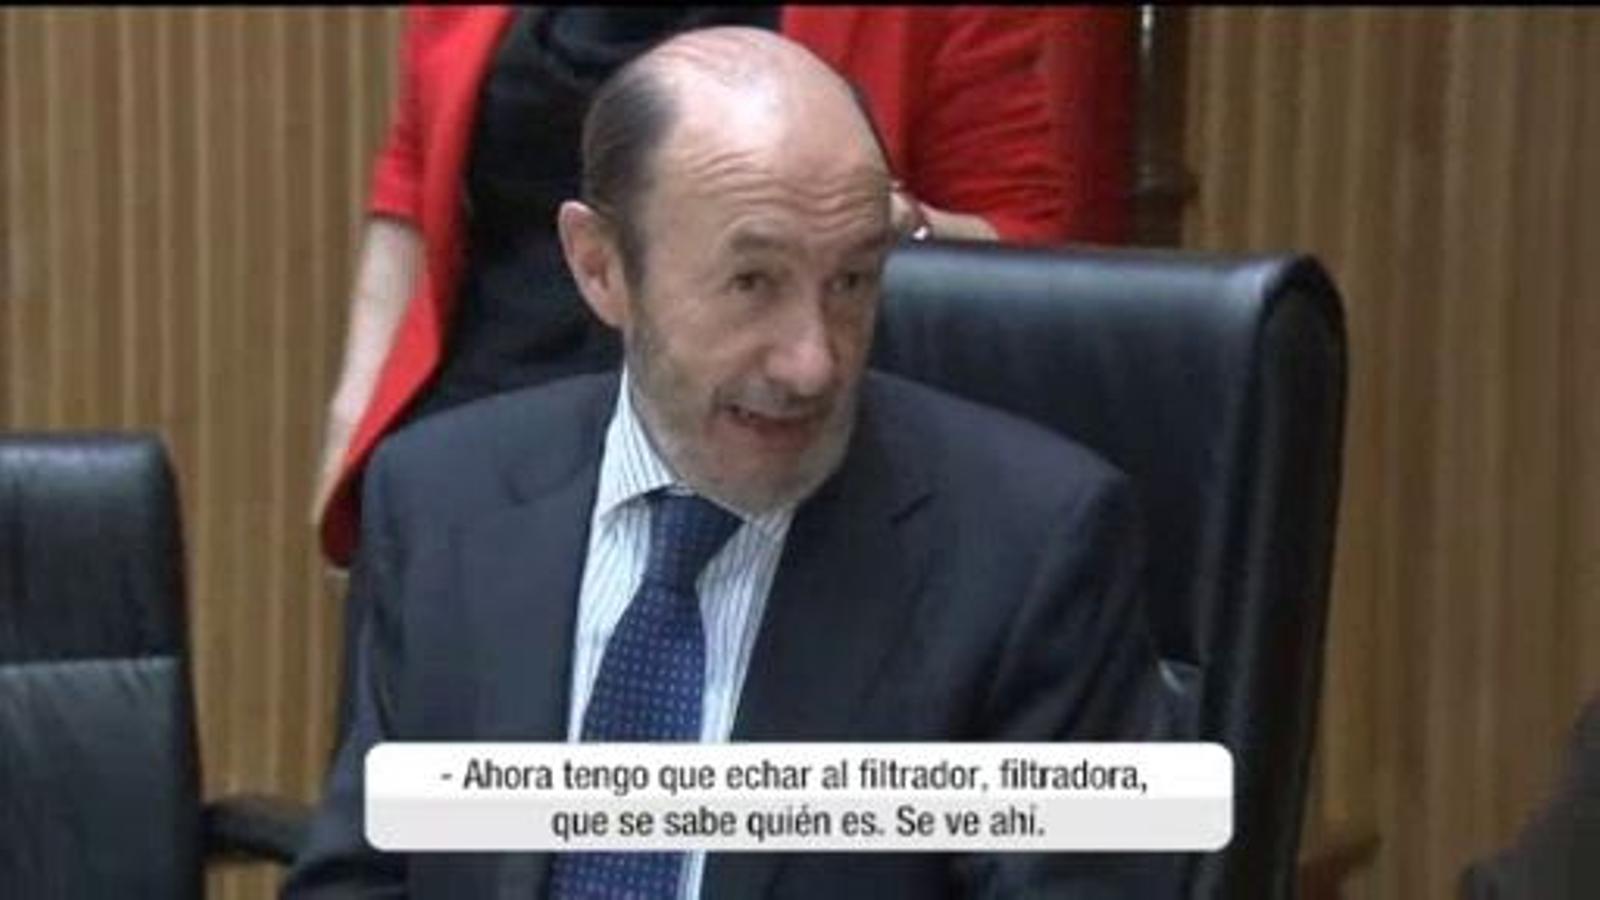 Un micro obert enxampa Rubalcaba volent fer fora una filtradora del PSOE